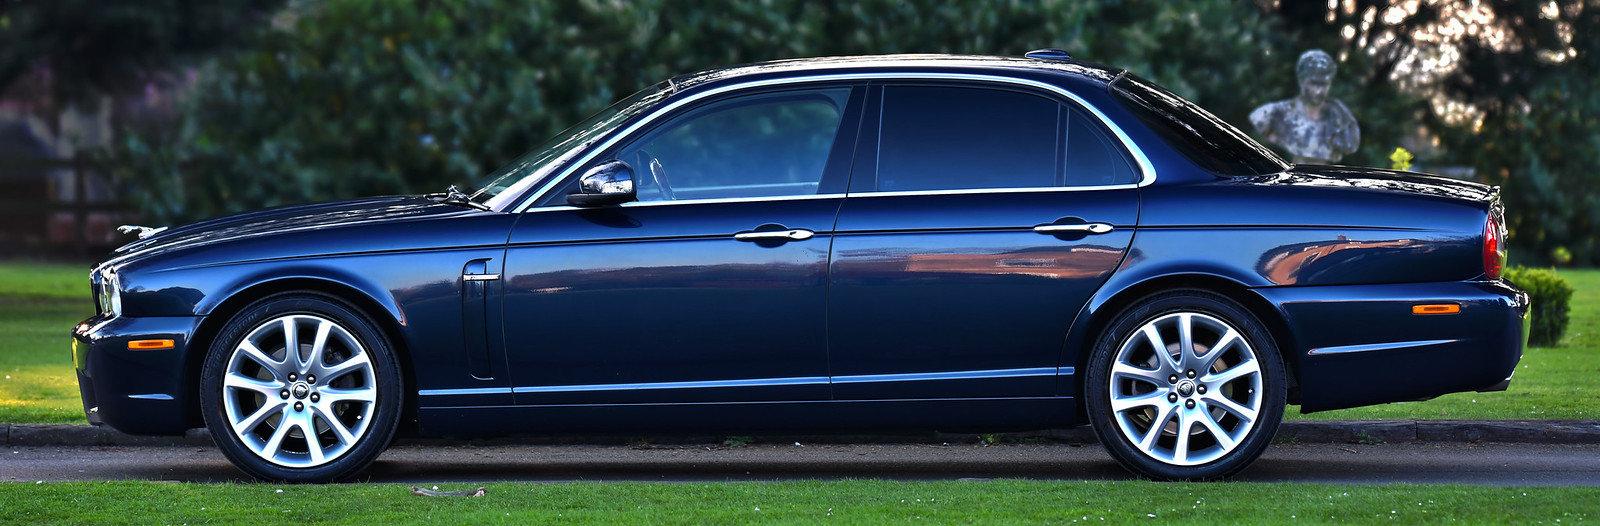 2008 Jaguar XJ8 Executive 4.2L For Sale (picture 3 of 6)